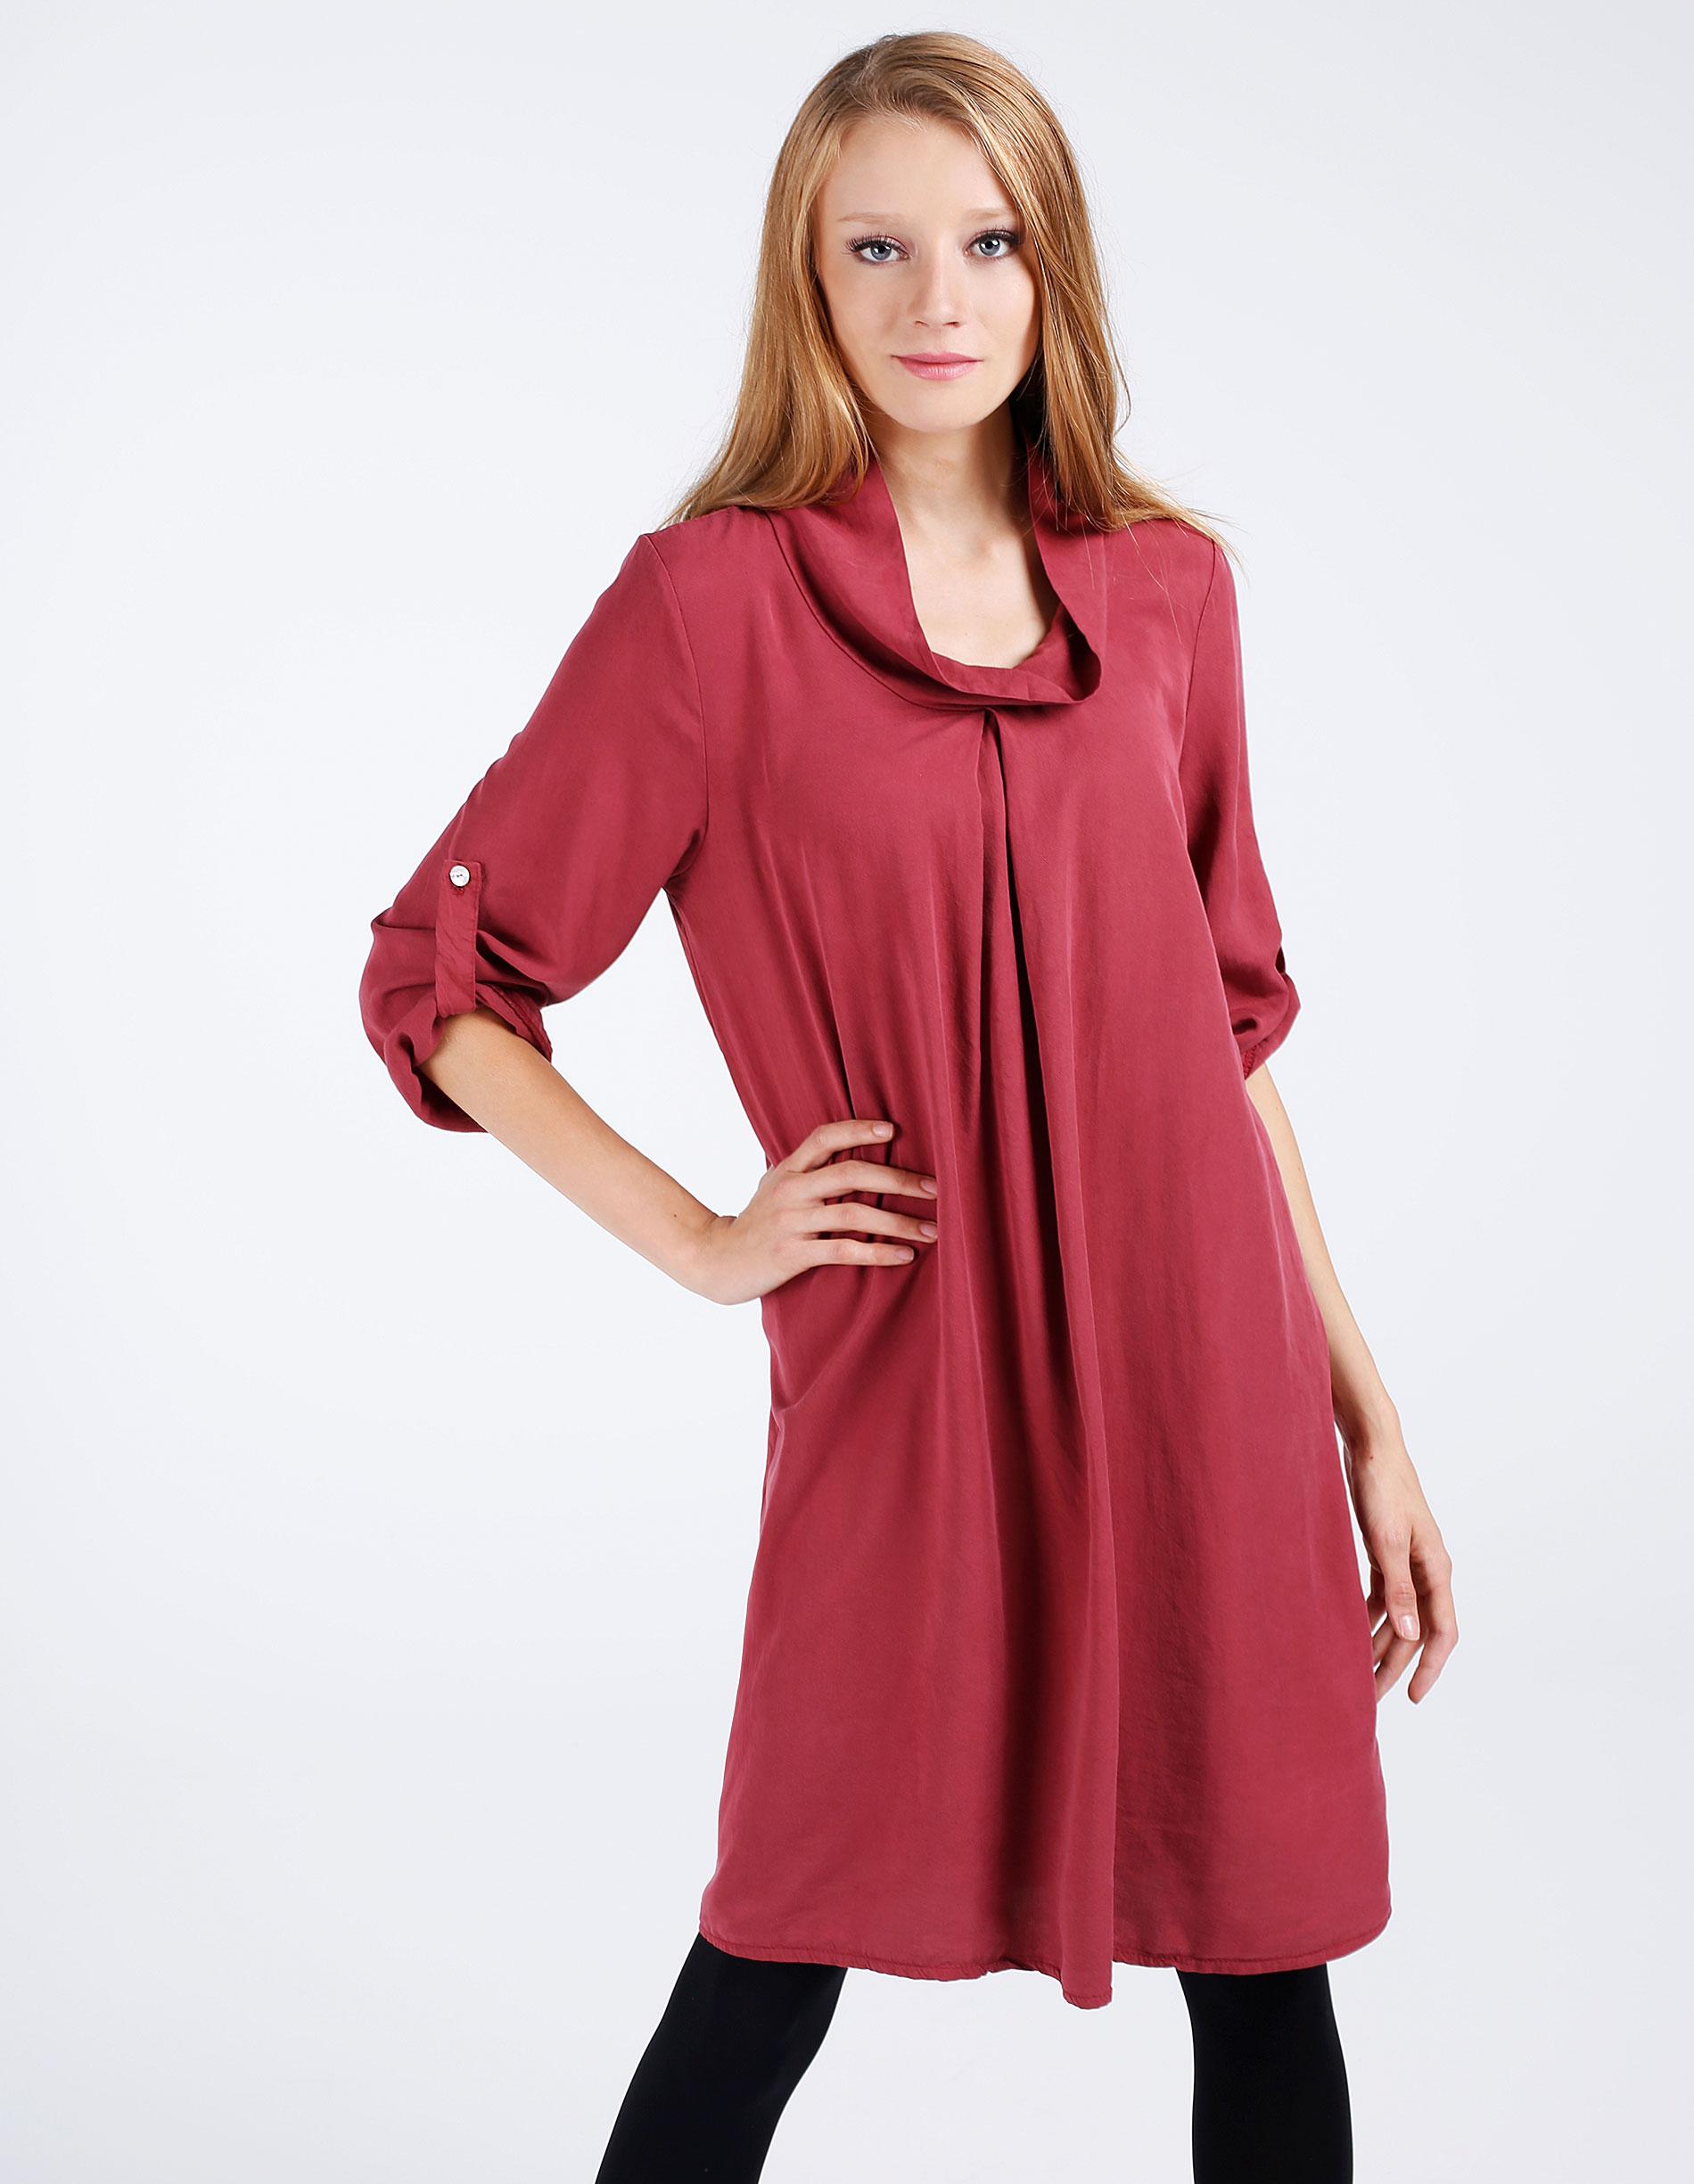 Sukienka - 119-163339 BO - Unisono